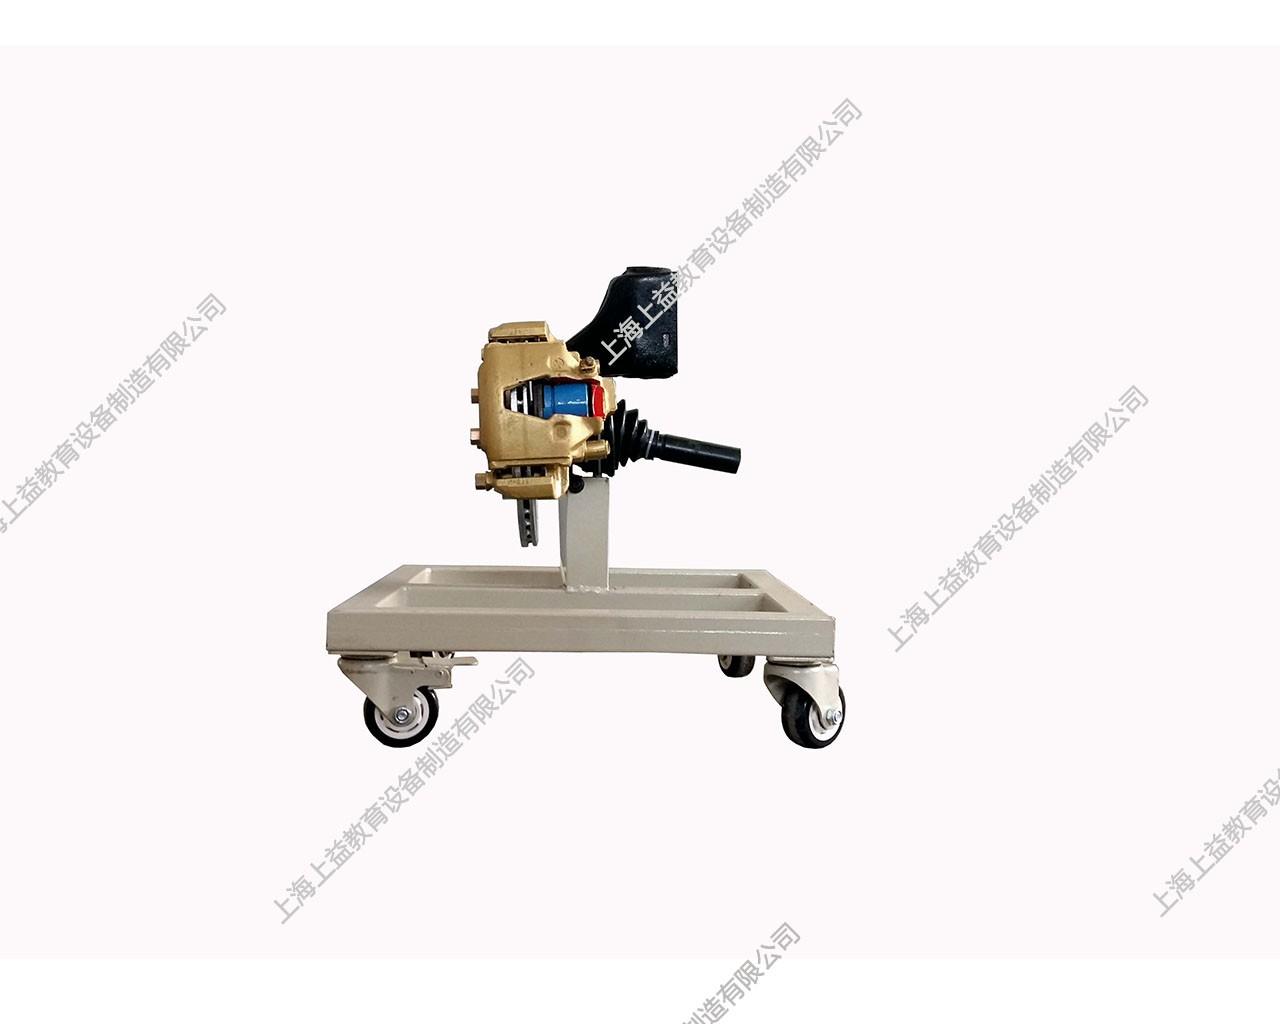 驱动轴和盘式制动器解剖模型